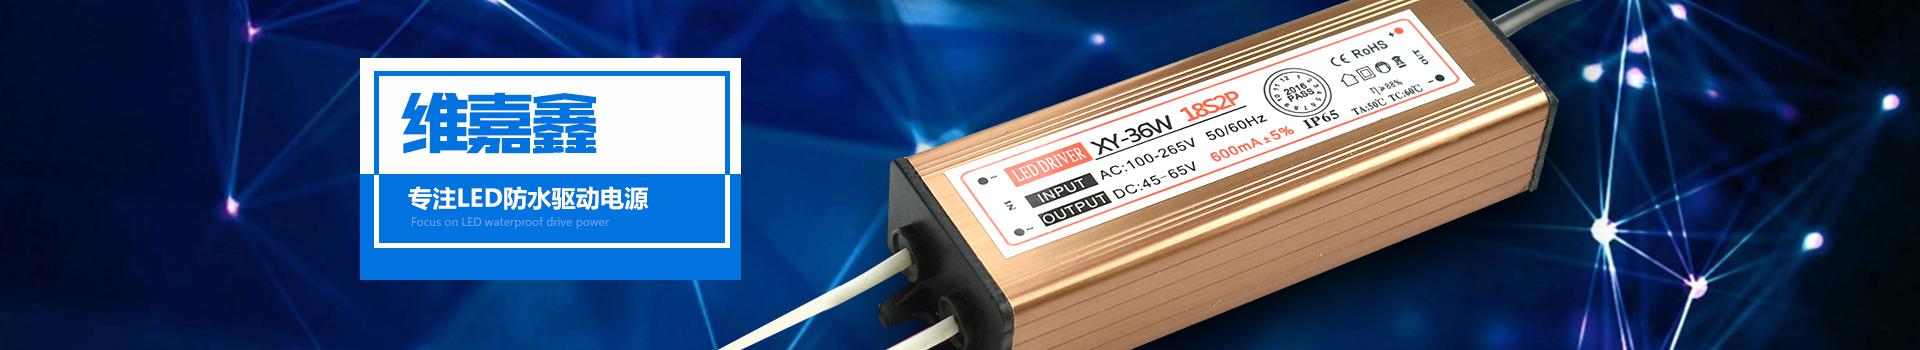 维嘉鑫,专注LED防水驱动电源